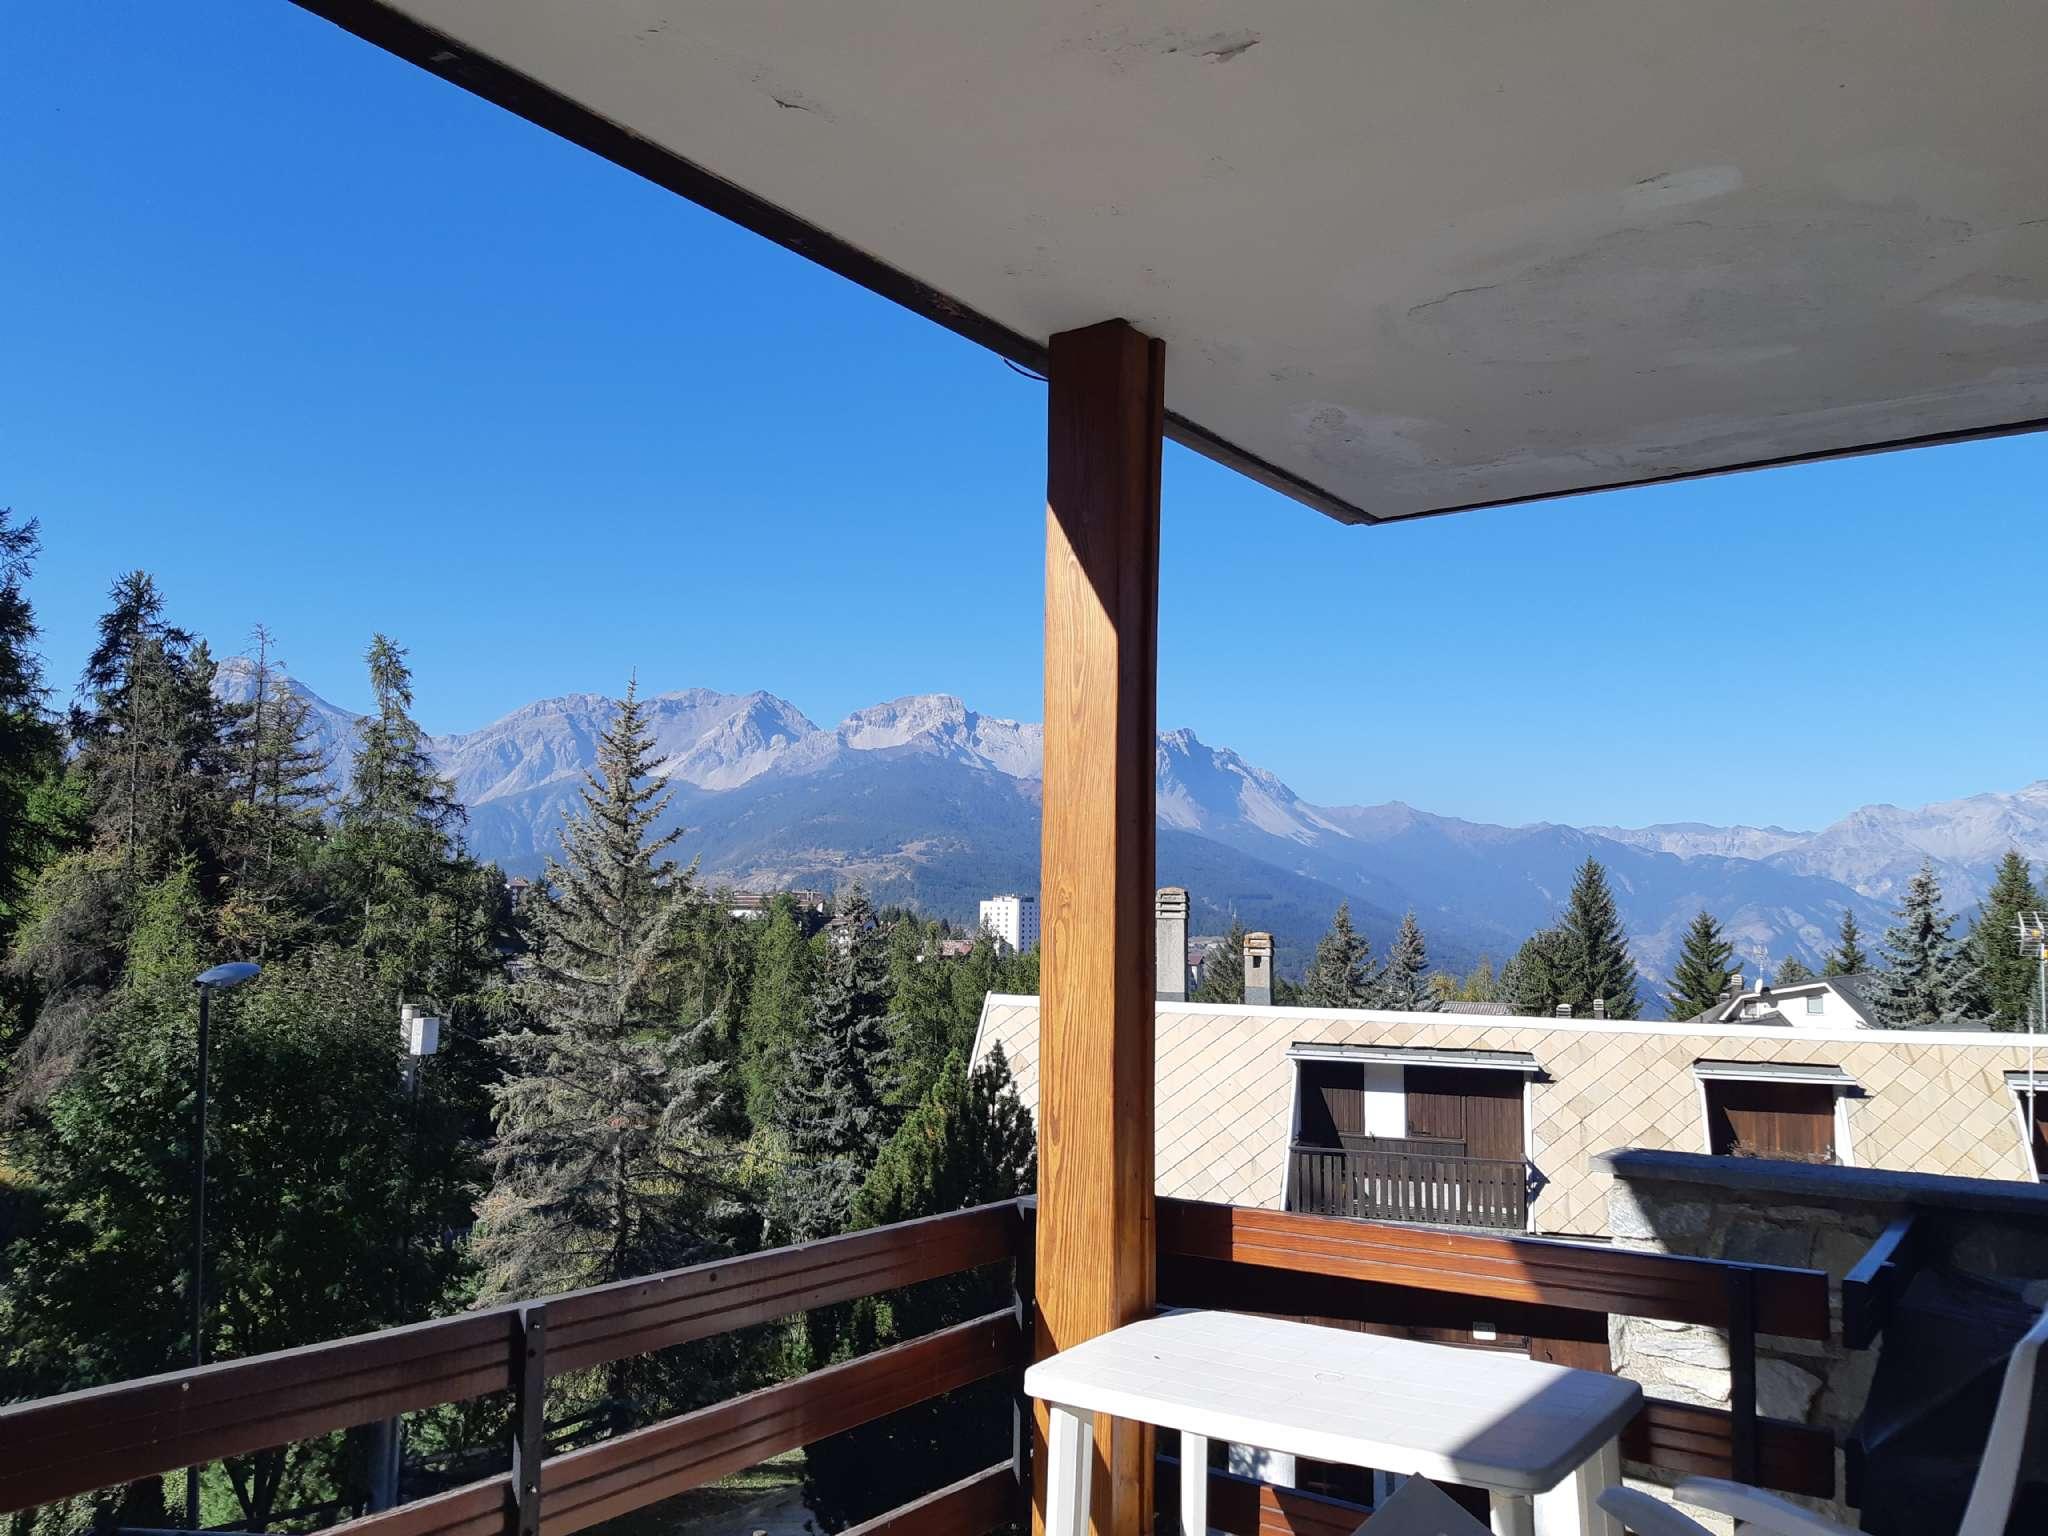 Appartamento in vendita a Sauze d'Oulx, 4 locali, prezzo € 280.000 | PortaleAgenzieImmobiliari.it